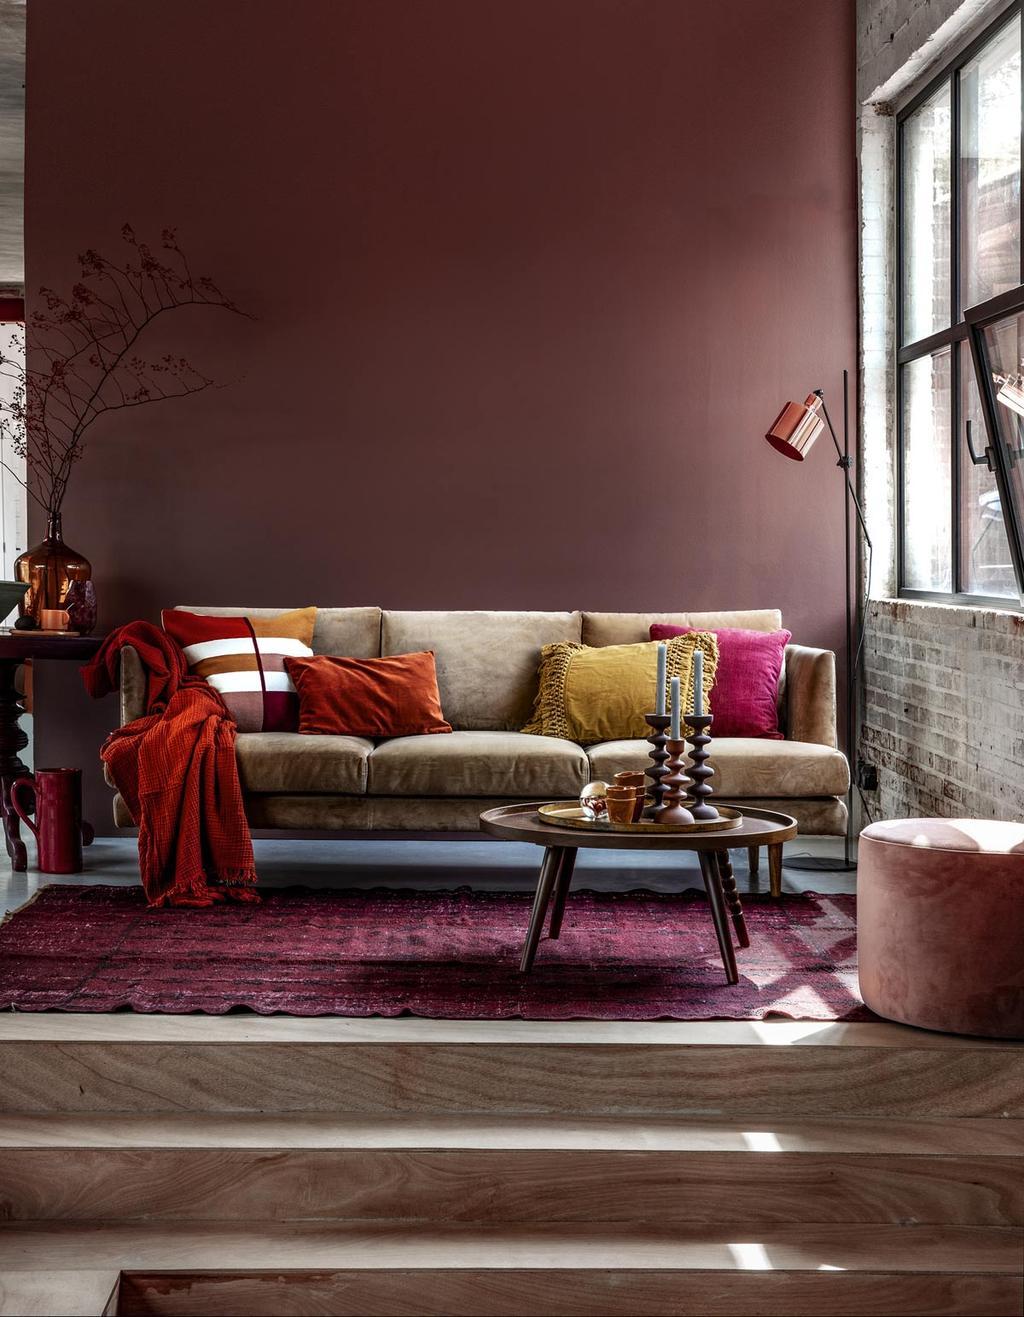 woonkamer met spicy kleuren.